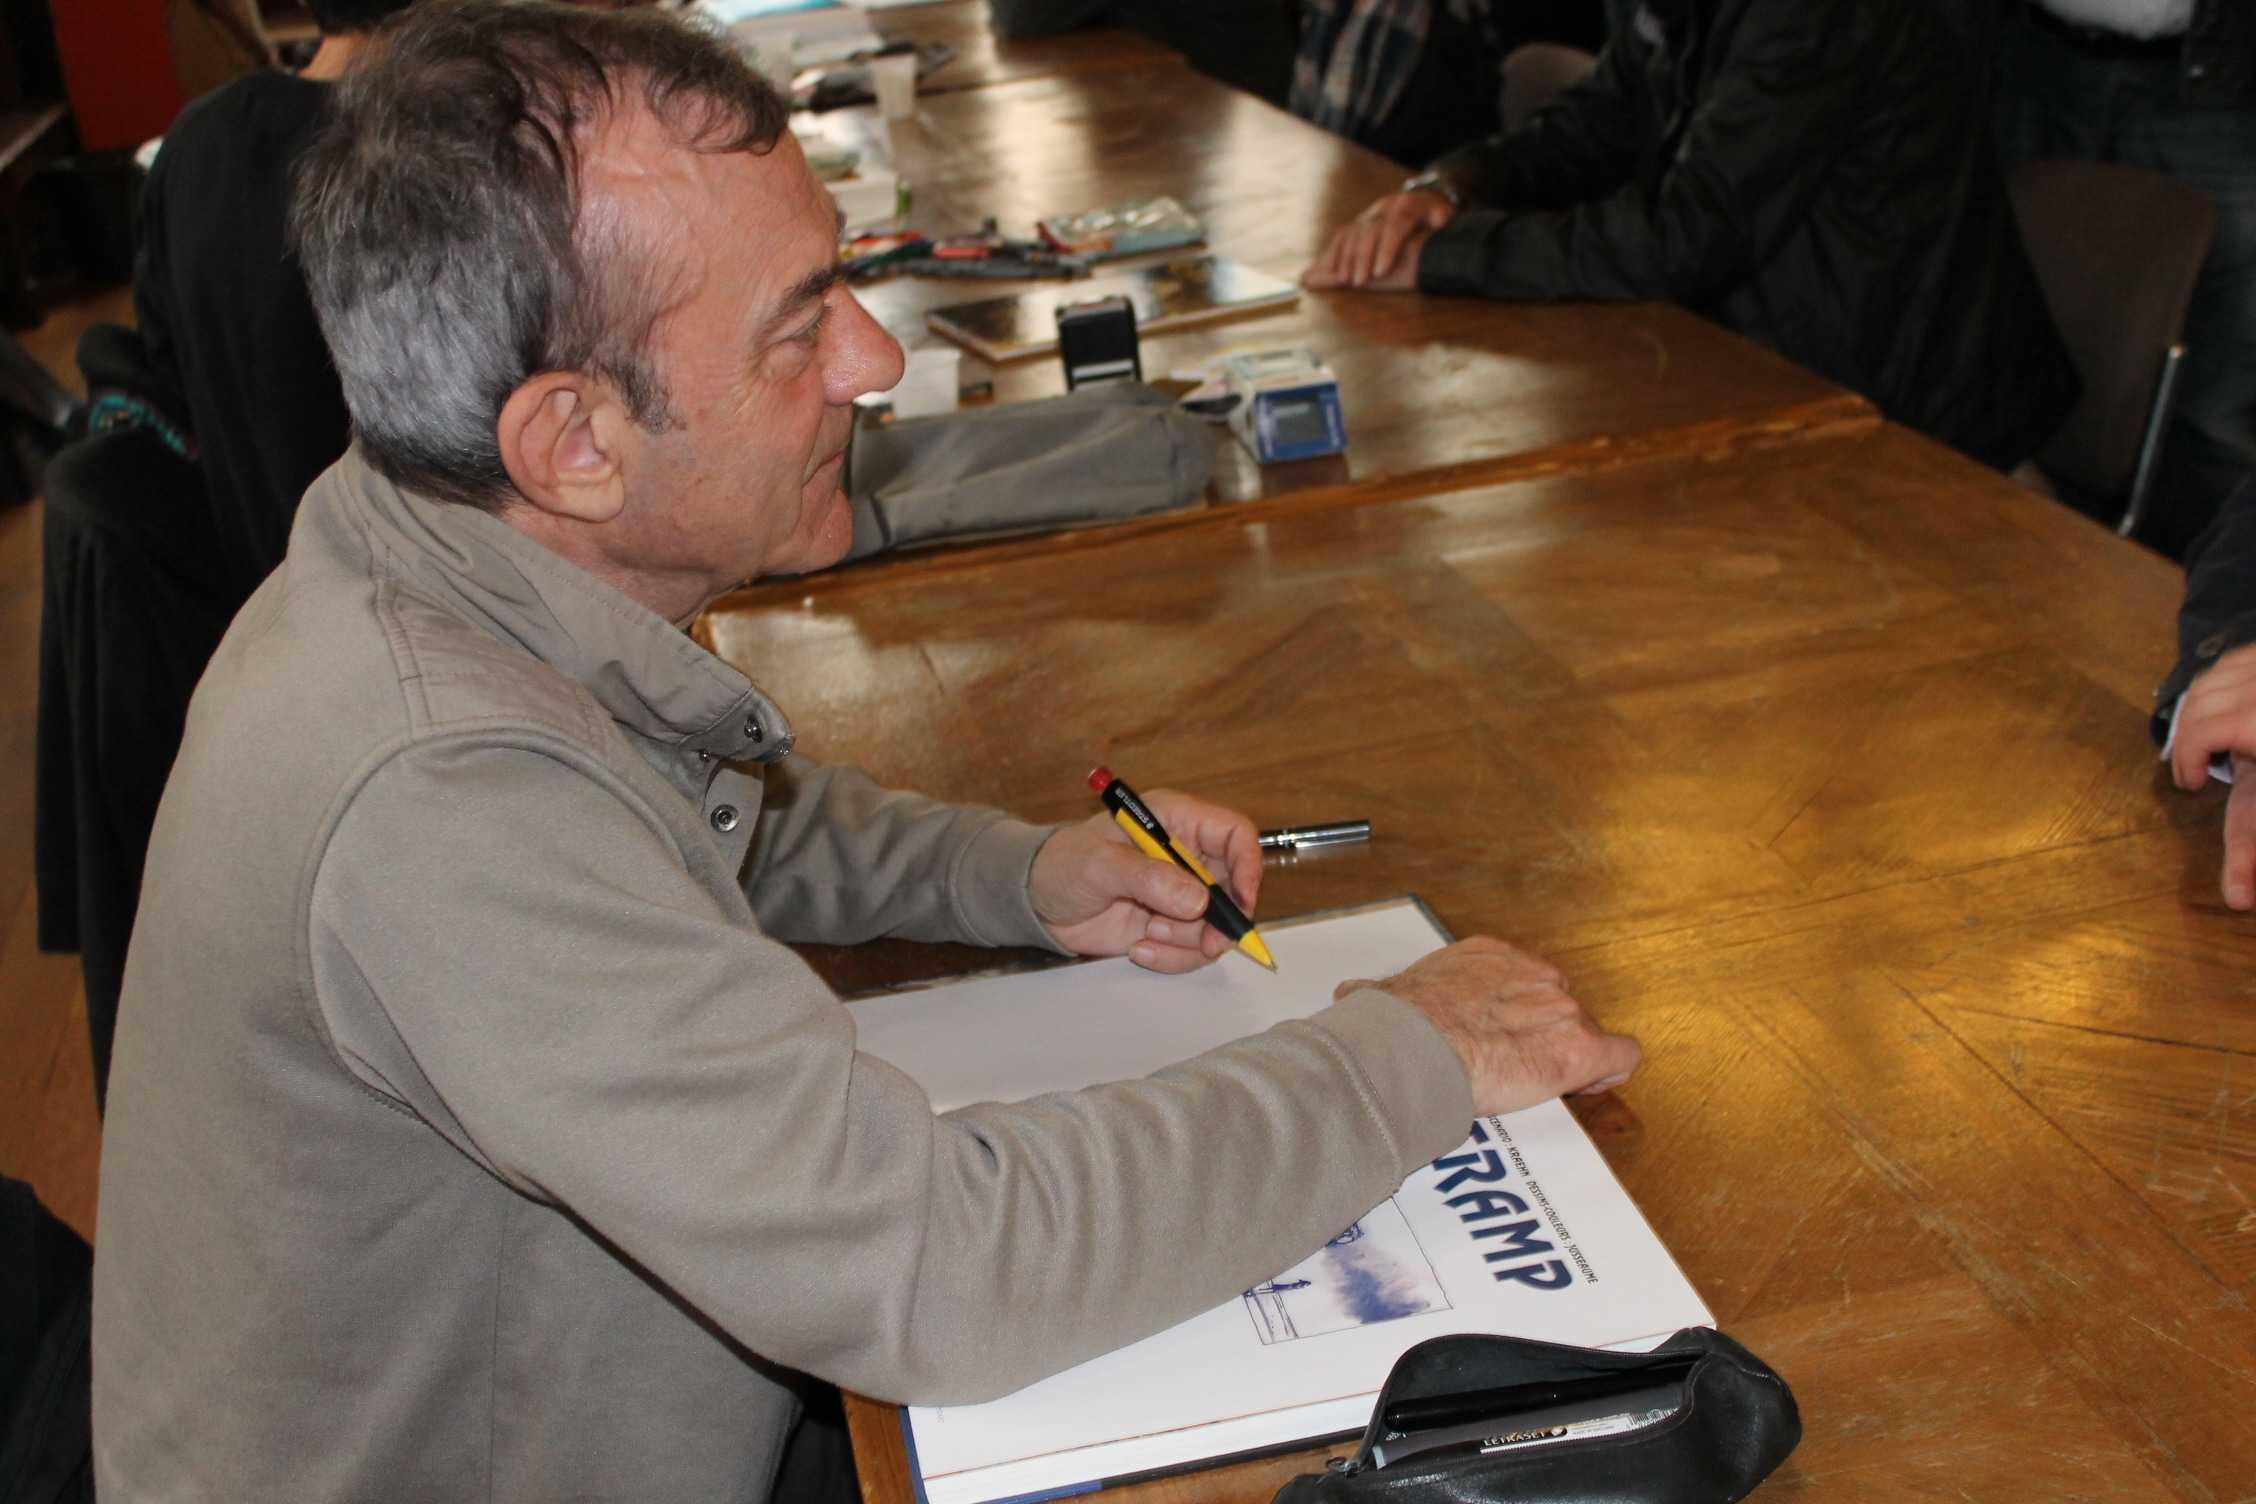 Le dessinateur Patrick Jusseaume pose définitivement son crayon